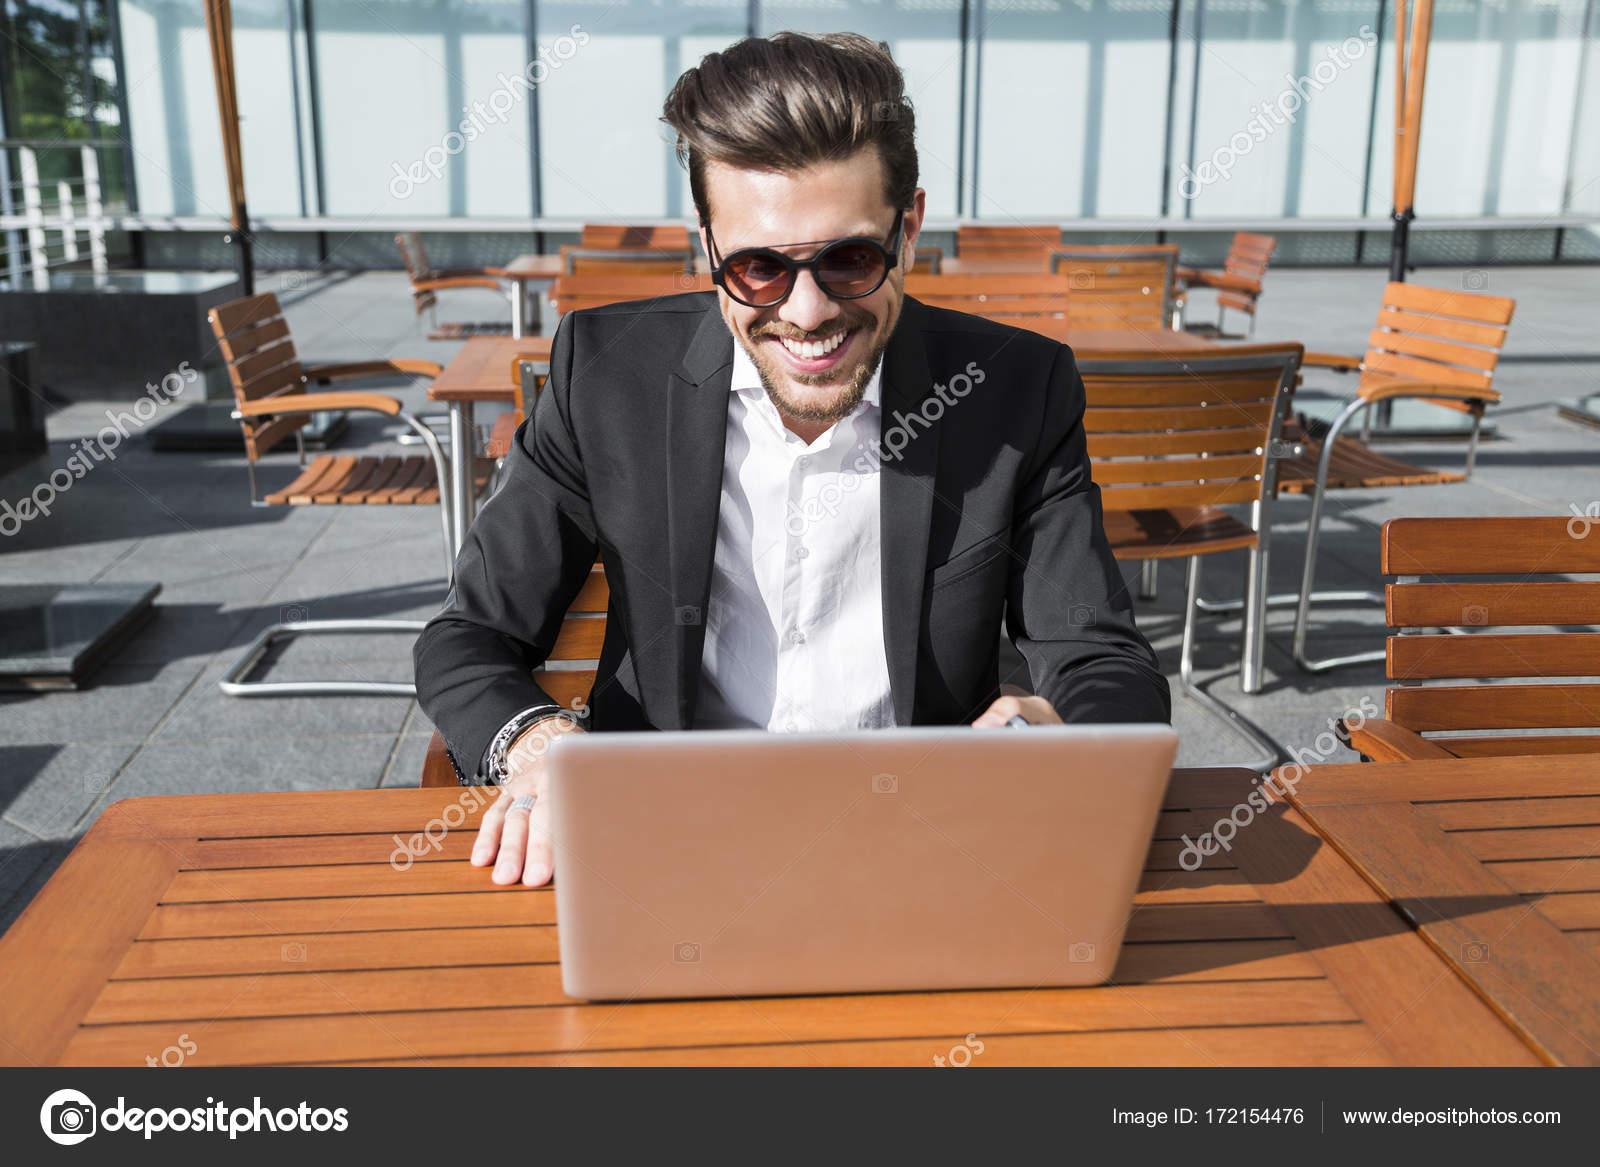 e al in vestito o d'affari maschio nero lavoratore tavolo Uomo w0qzgz